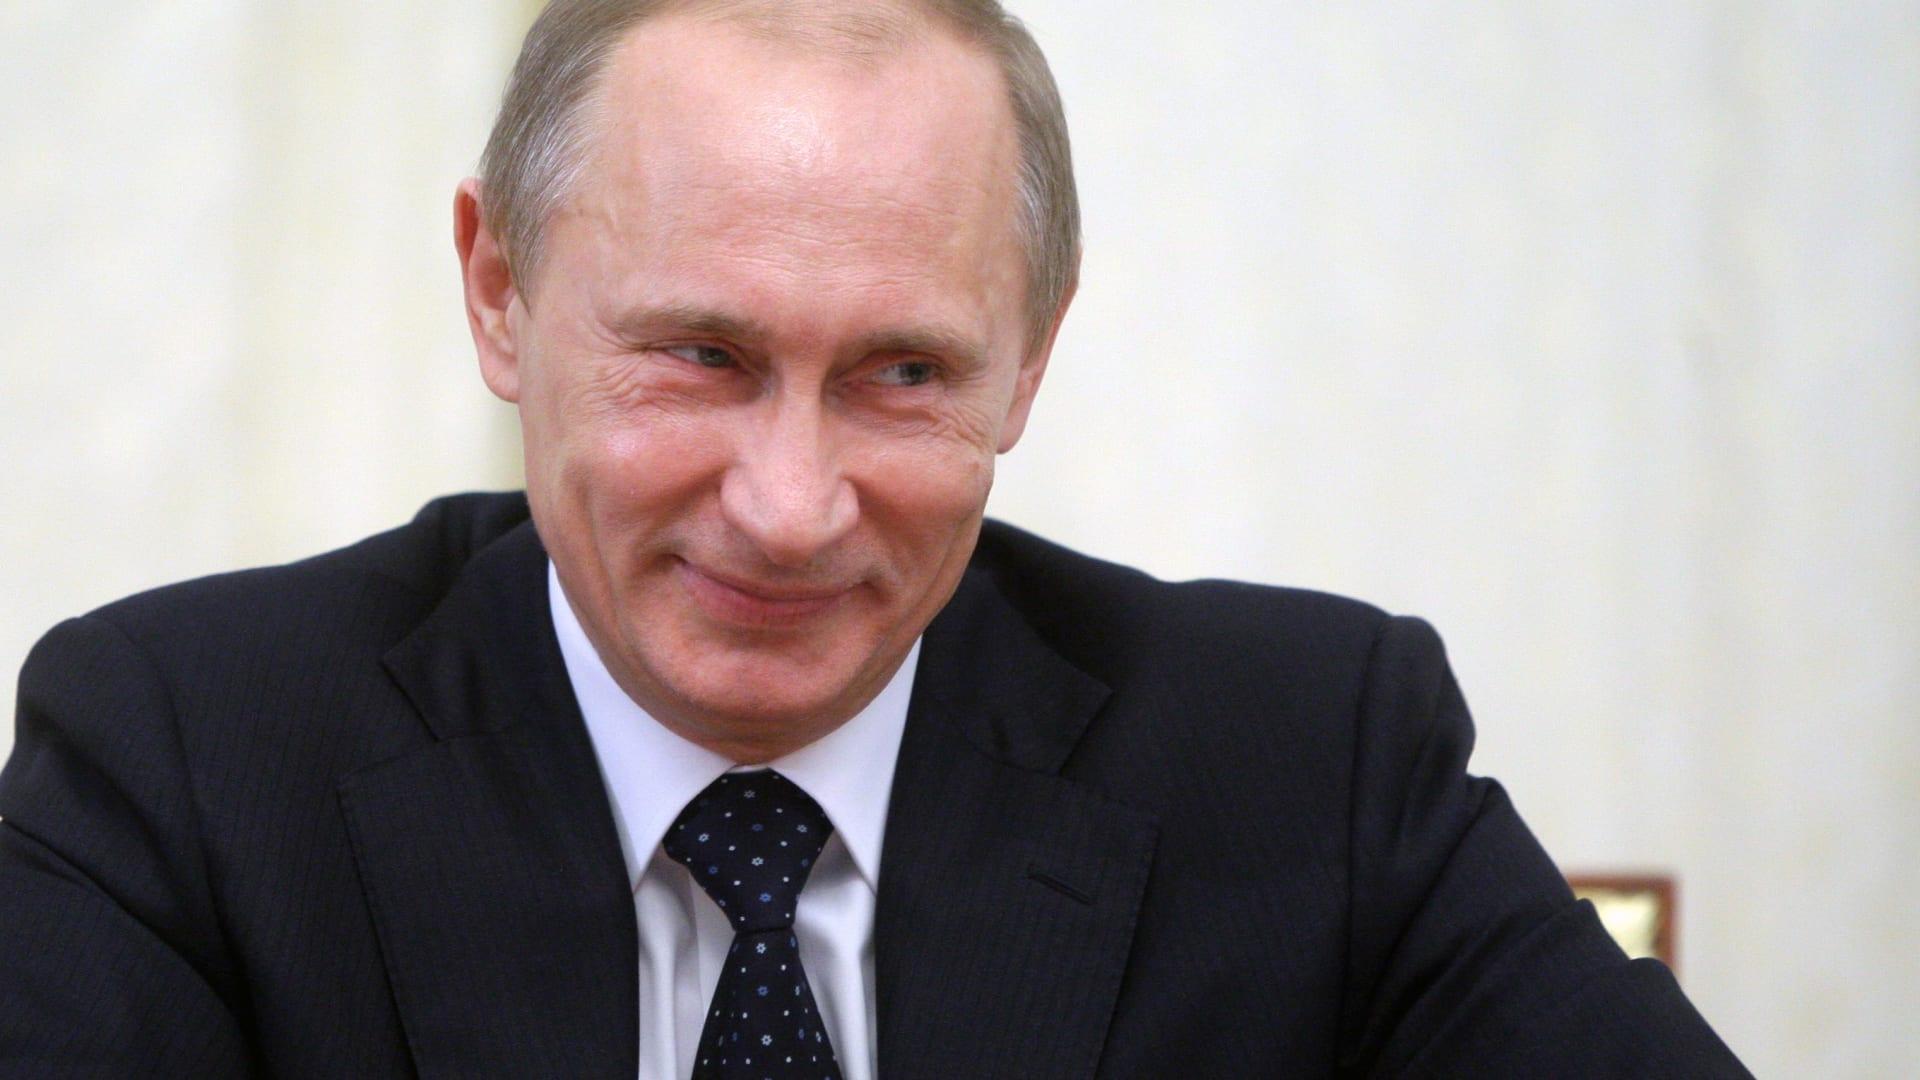 """روسيا: حزب بوتين """"روسية الموحدة"""" ينتصر بأغلبية الأصوات في الانتخابات البرلمانية"""